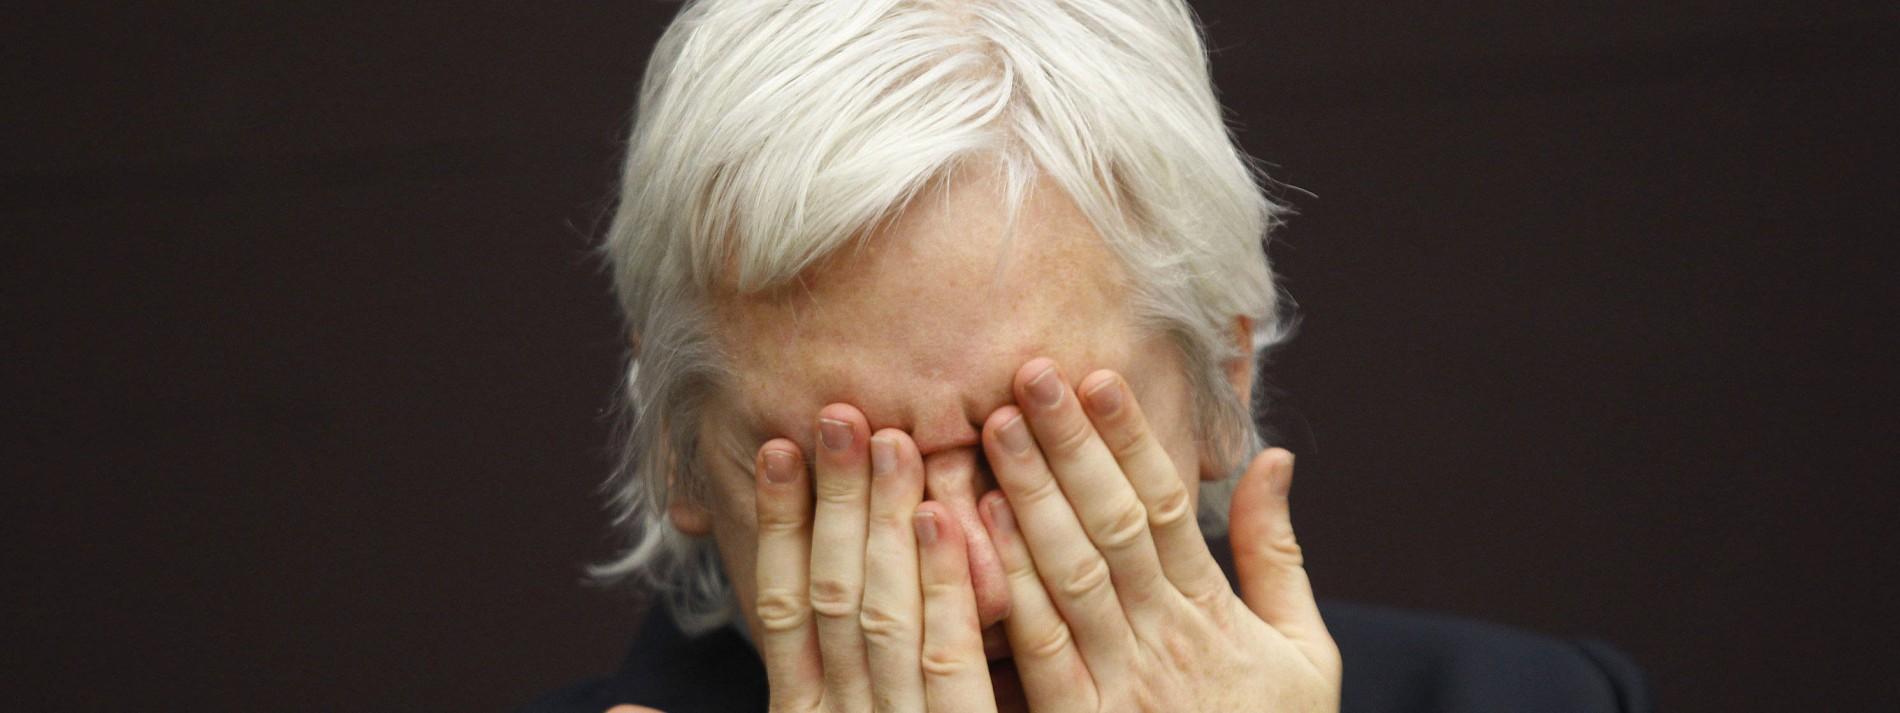 Assange bleibt in Haft